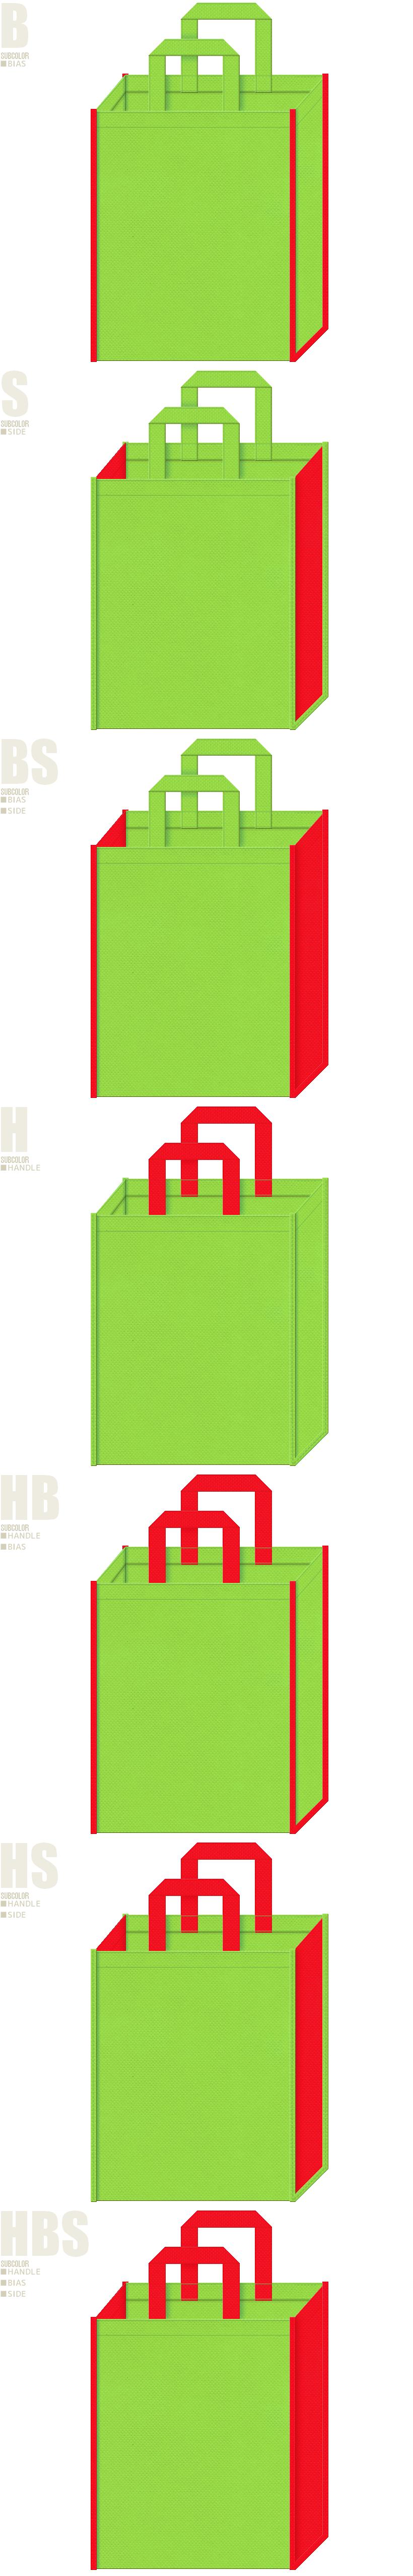 不織布バッグのデザイン:黄緑色と赤色の配色7パターン